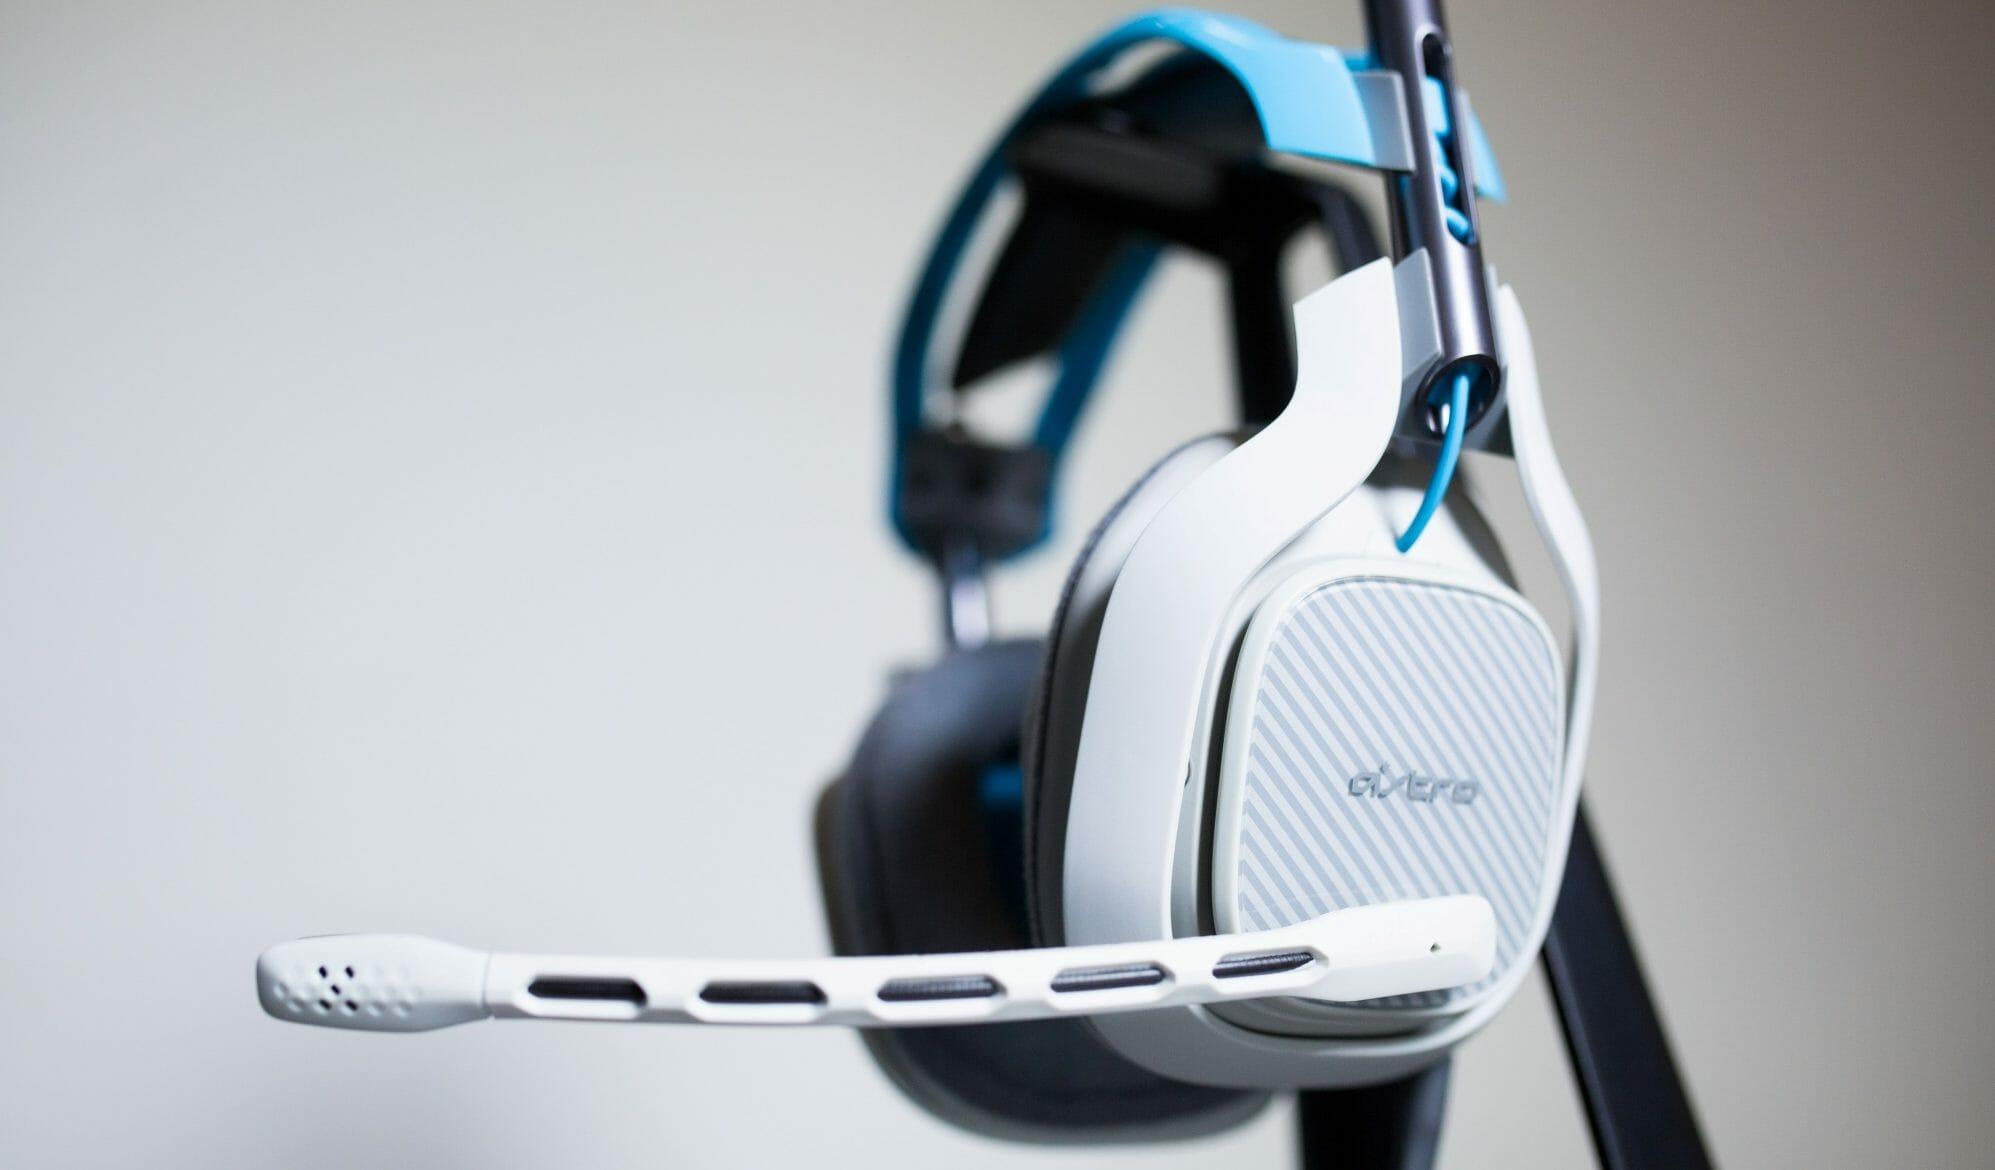 Goedkoopste Soorten Headsets